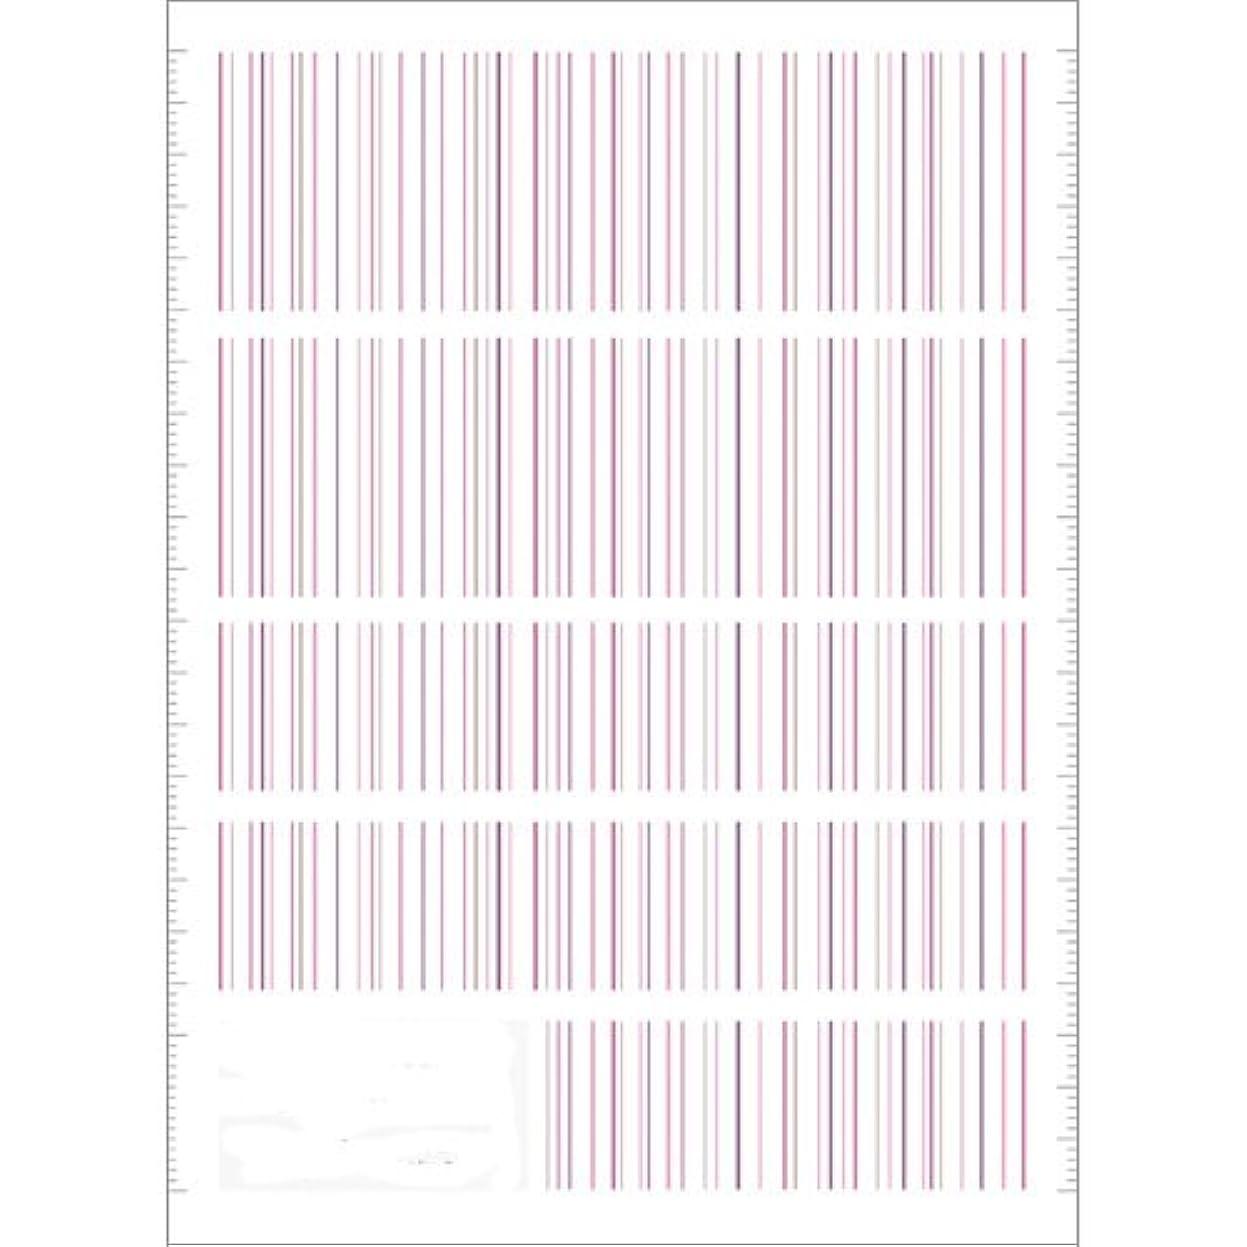 ログ市民権ペックツメキラ(TSUMEKIRA) ネイル用シール ピンストライプ ピンク NN-PIN-104